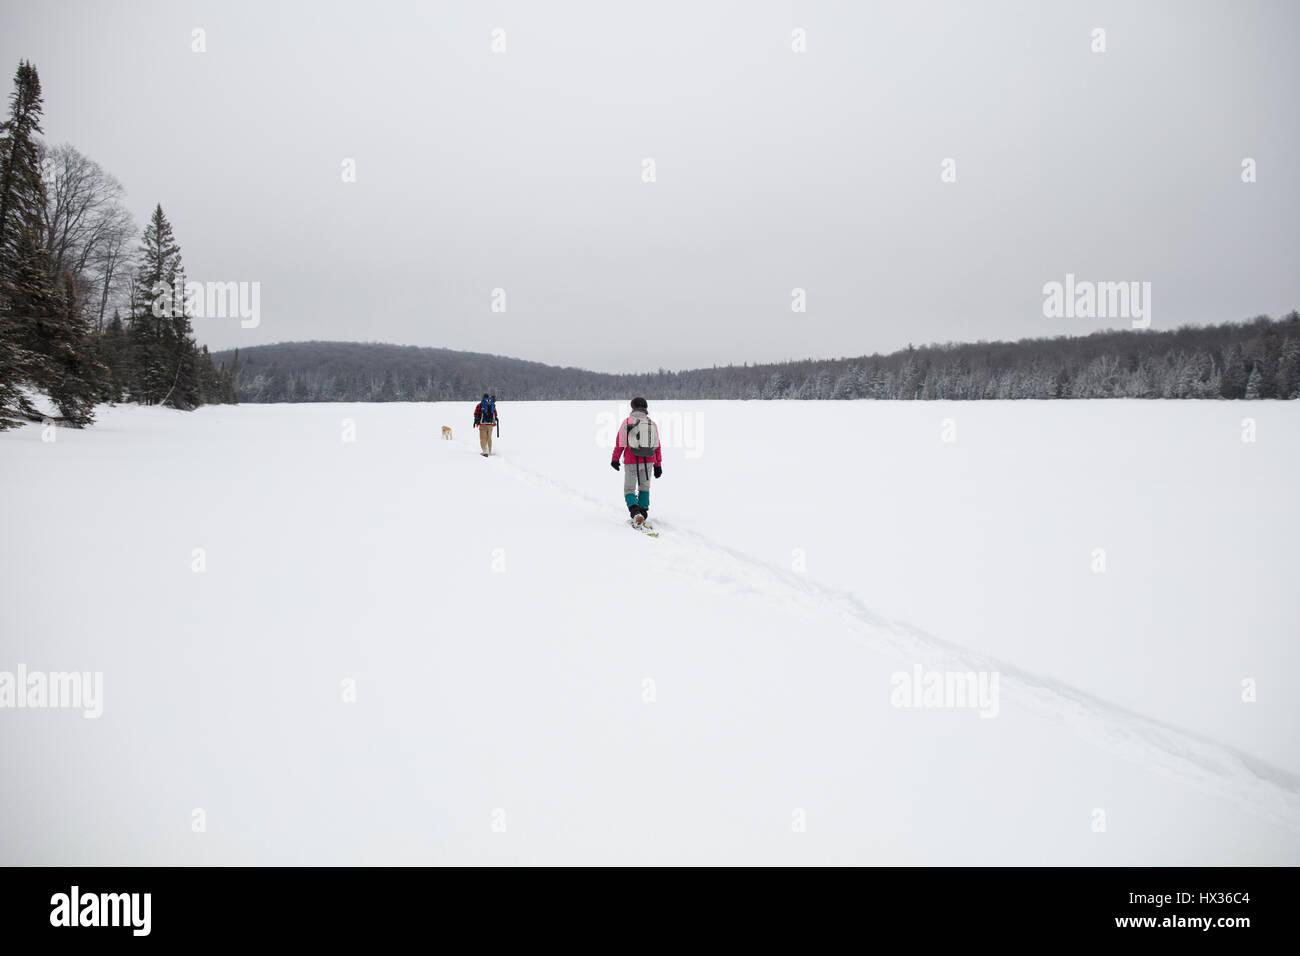 ONTARIO, CANADA - 11 Février 2017: deux adultes de la raquette sur un lac gelé en hiver. ( Photographe Photo Stock